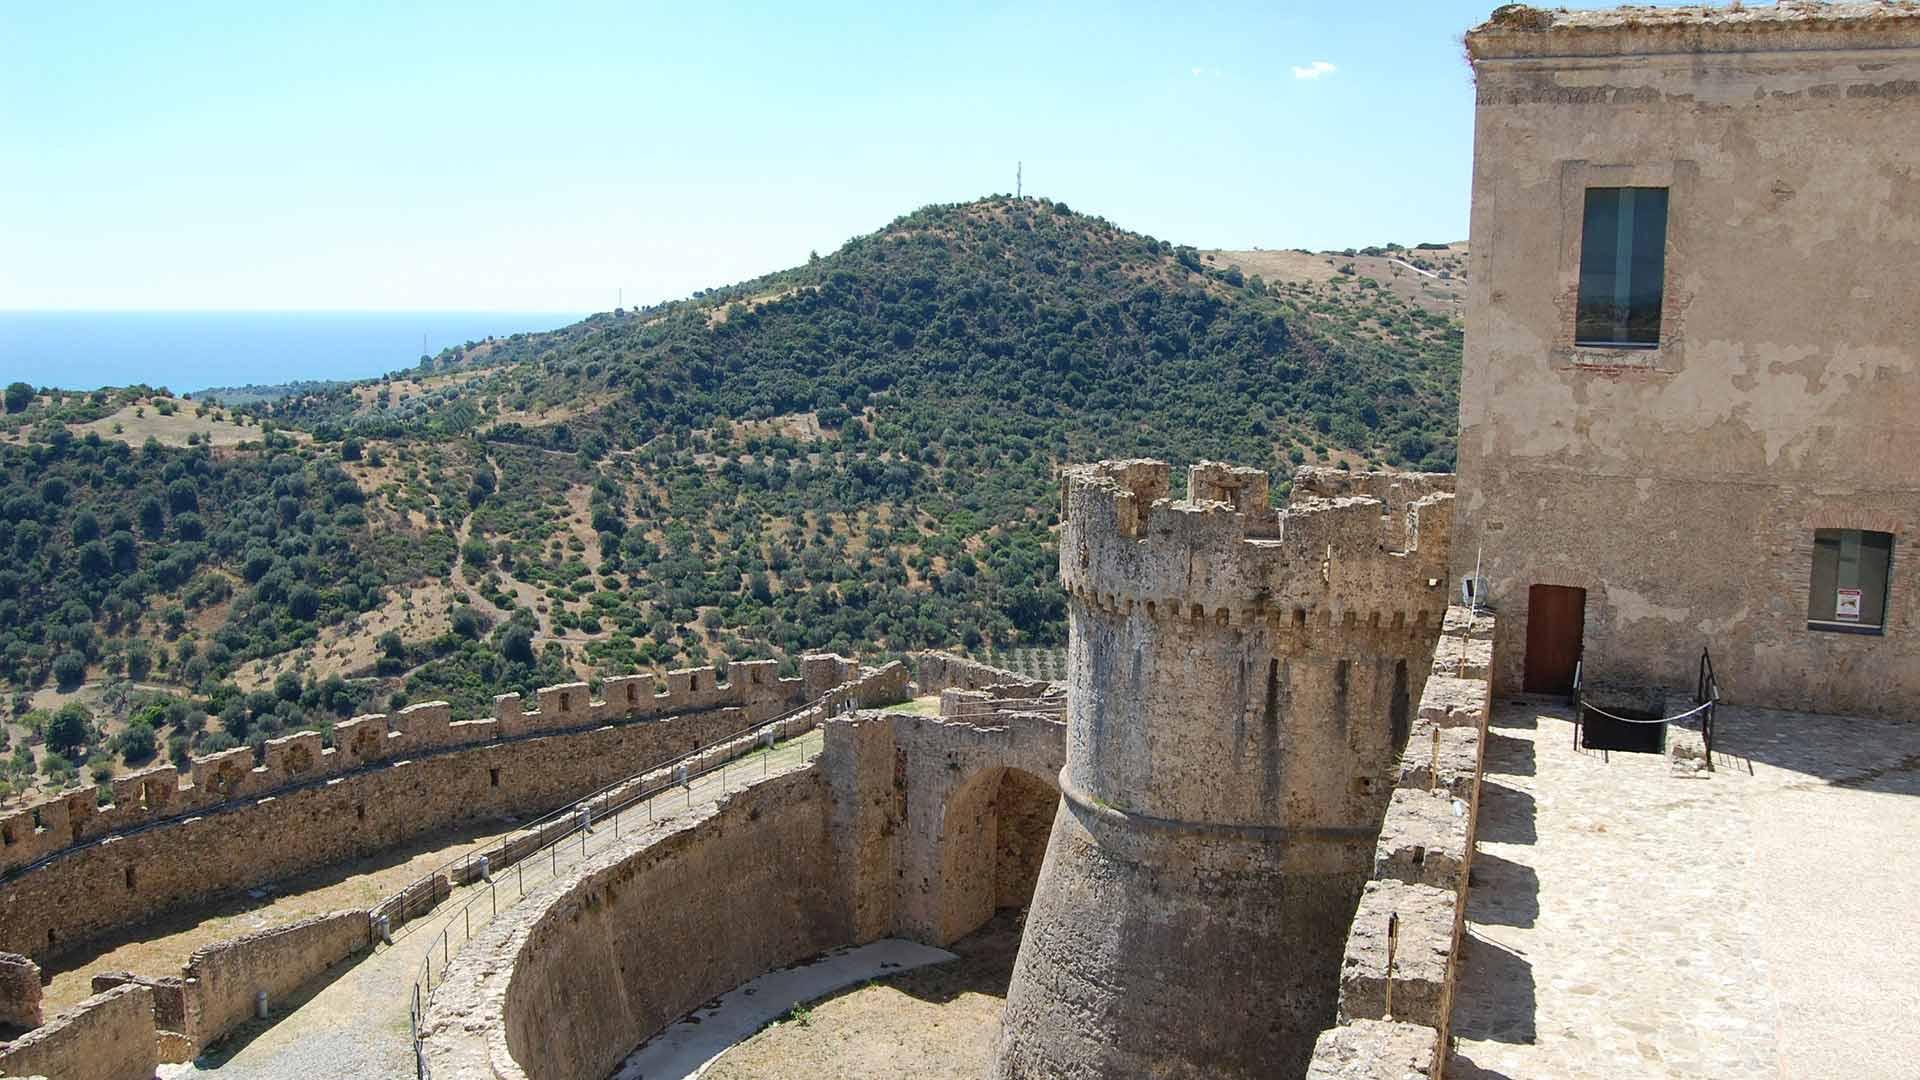 Castello Svevo di Rocca Imperiale - Vista della torre sud-est da Piazza d'Armi